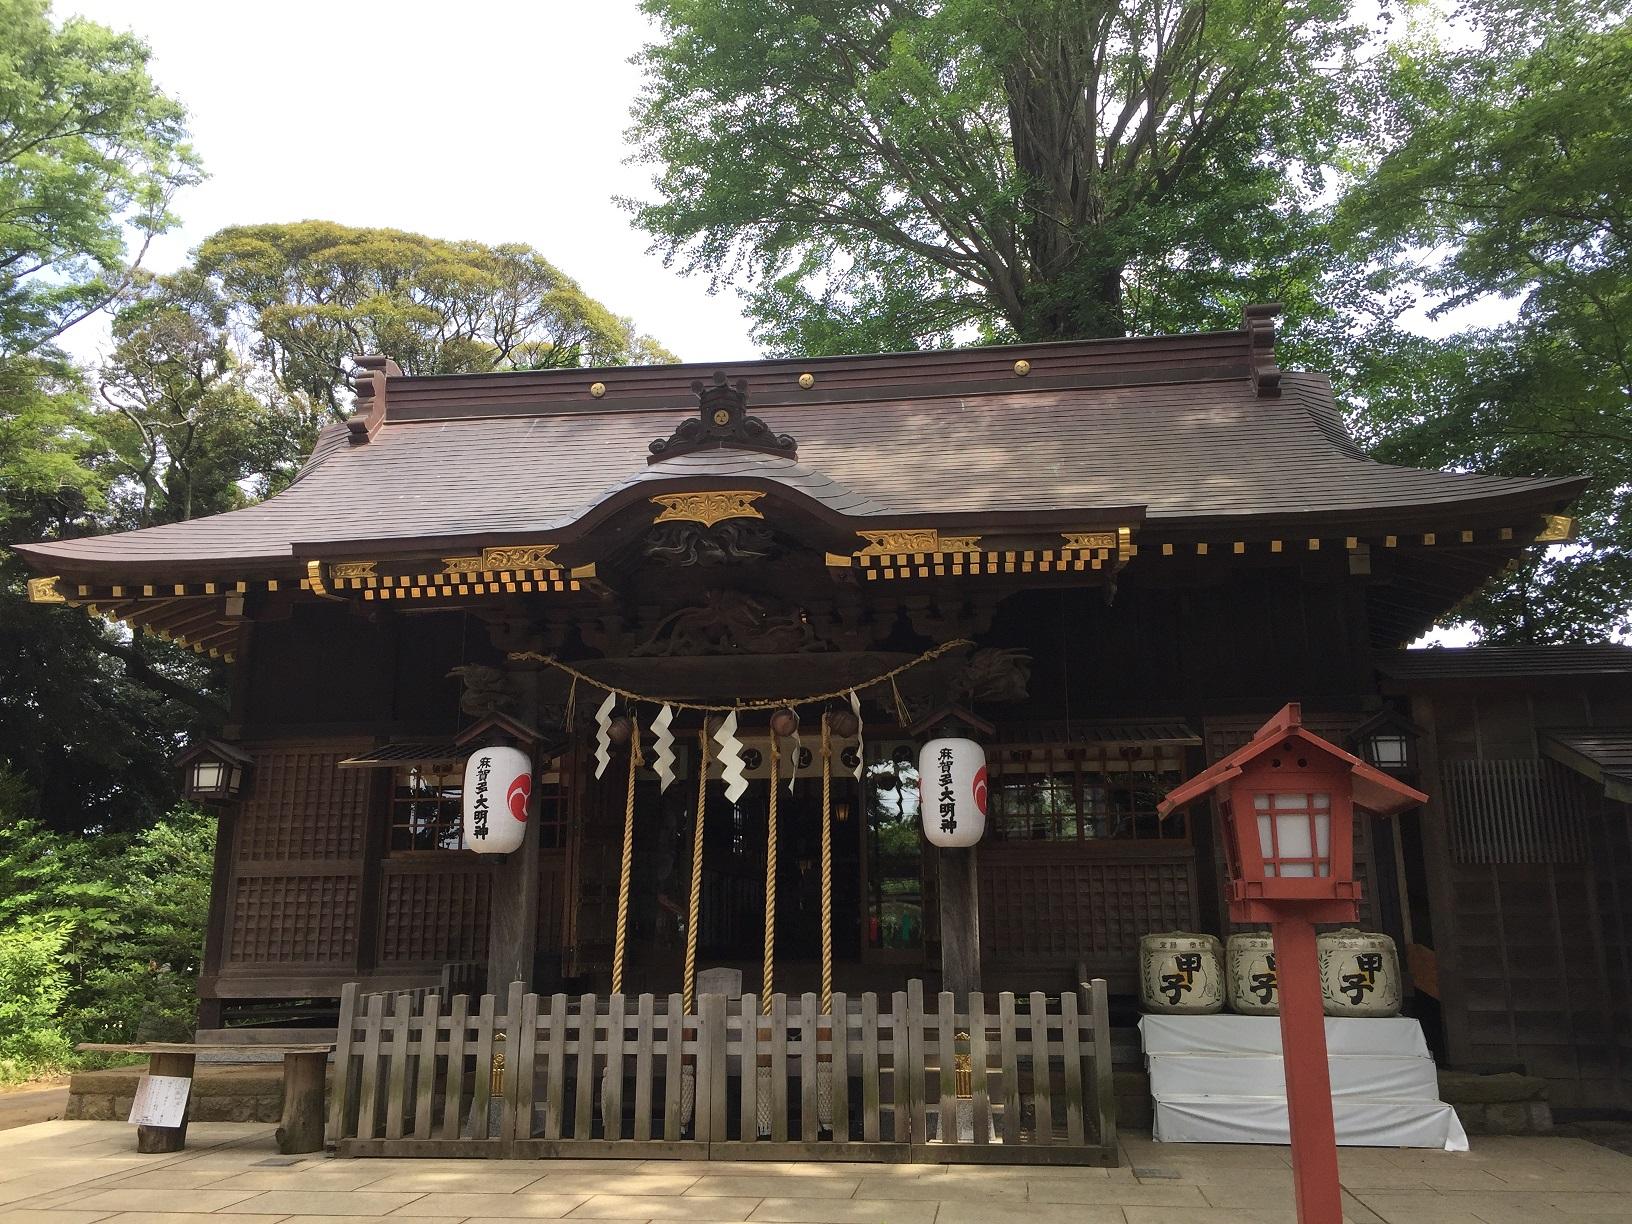 佐倉藩鎮守『麻賀多神社』は城下町の神社♪佐倉市の史跡と合わせて巡りたい!